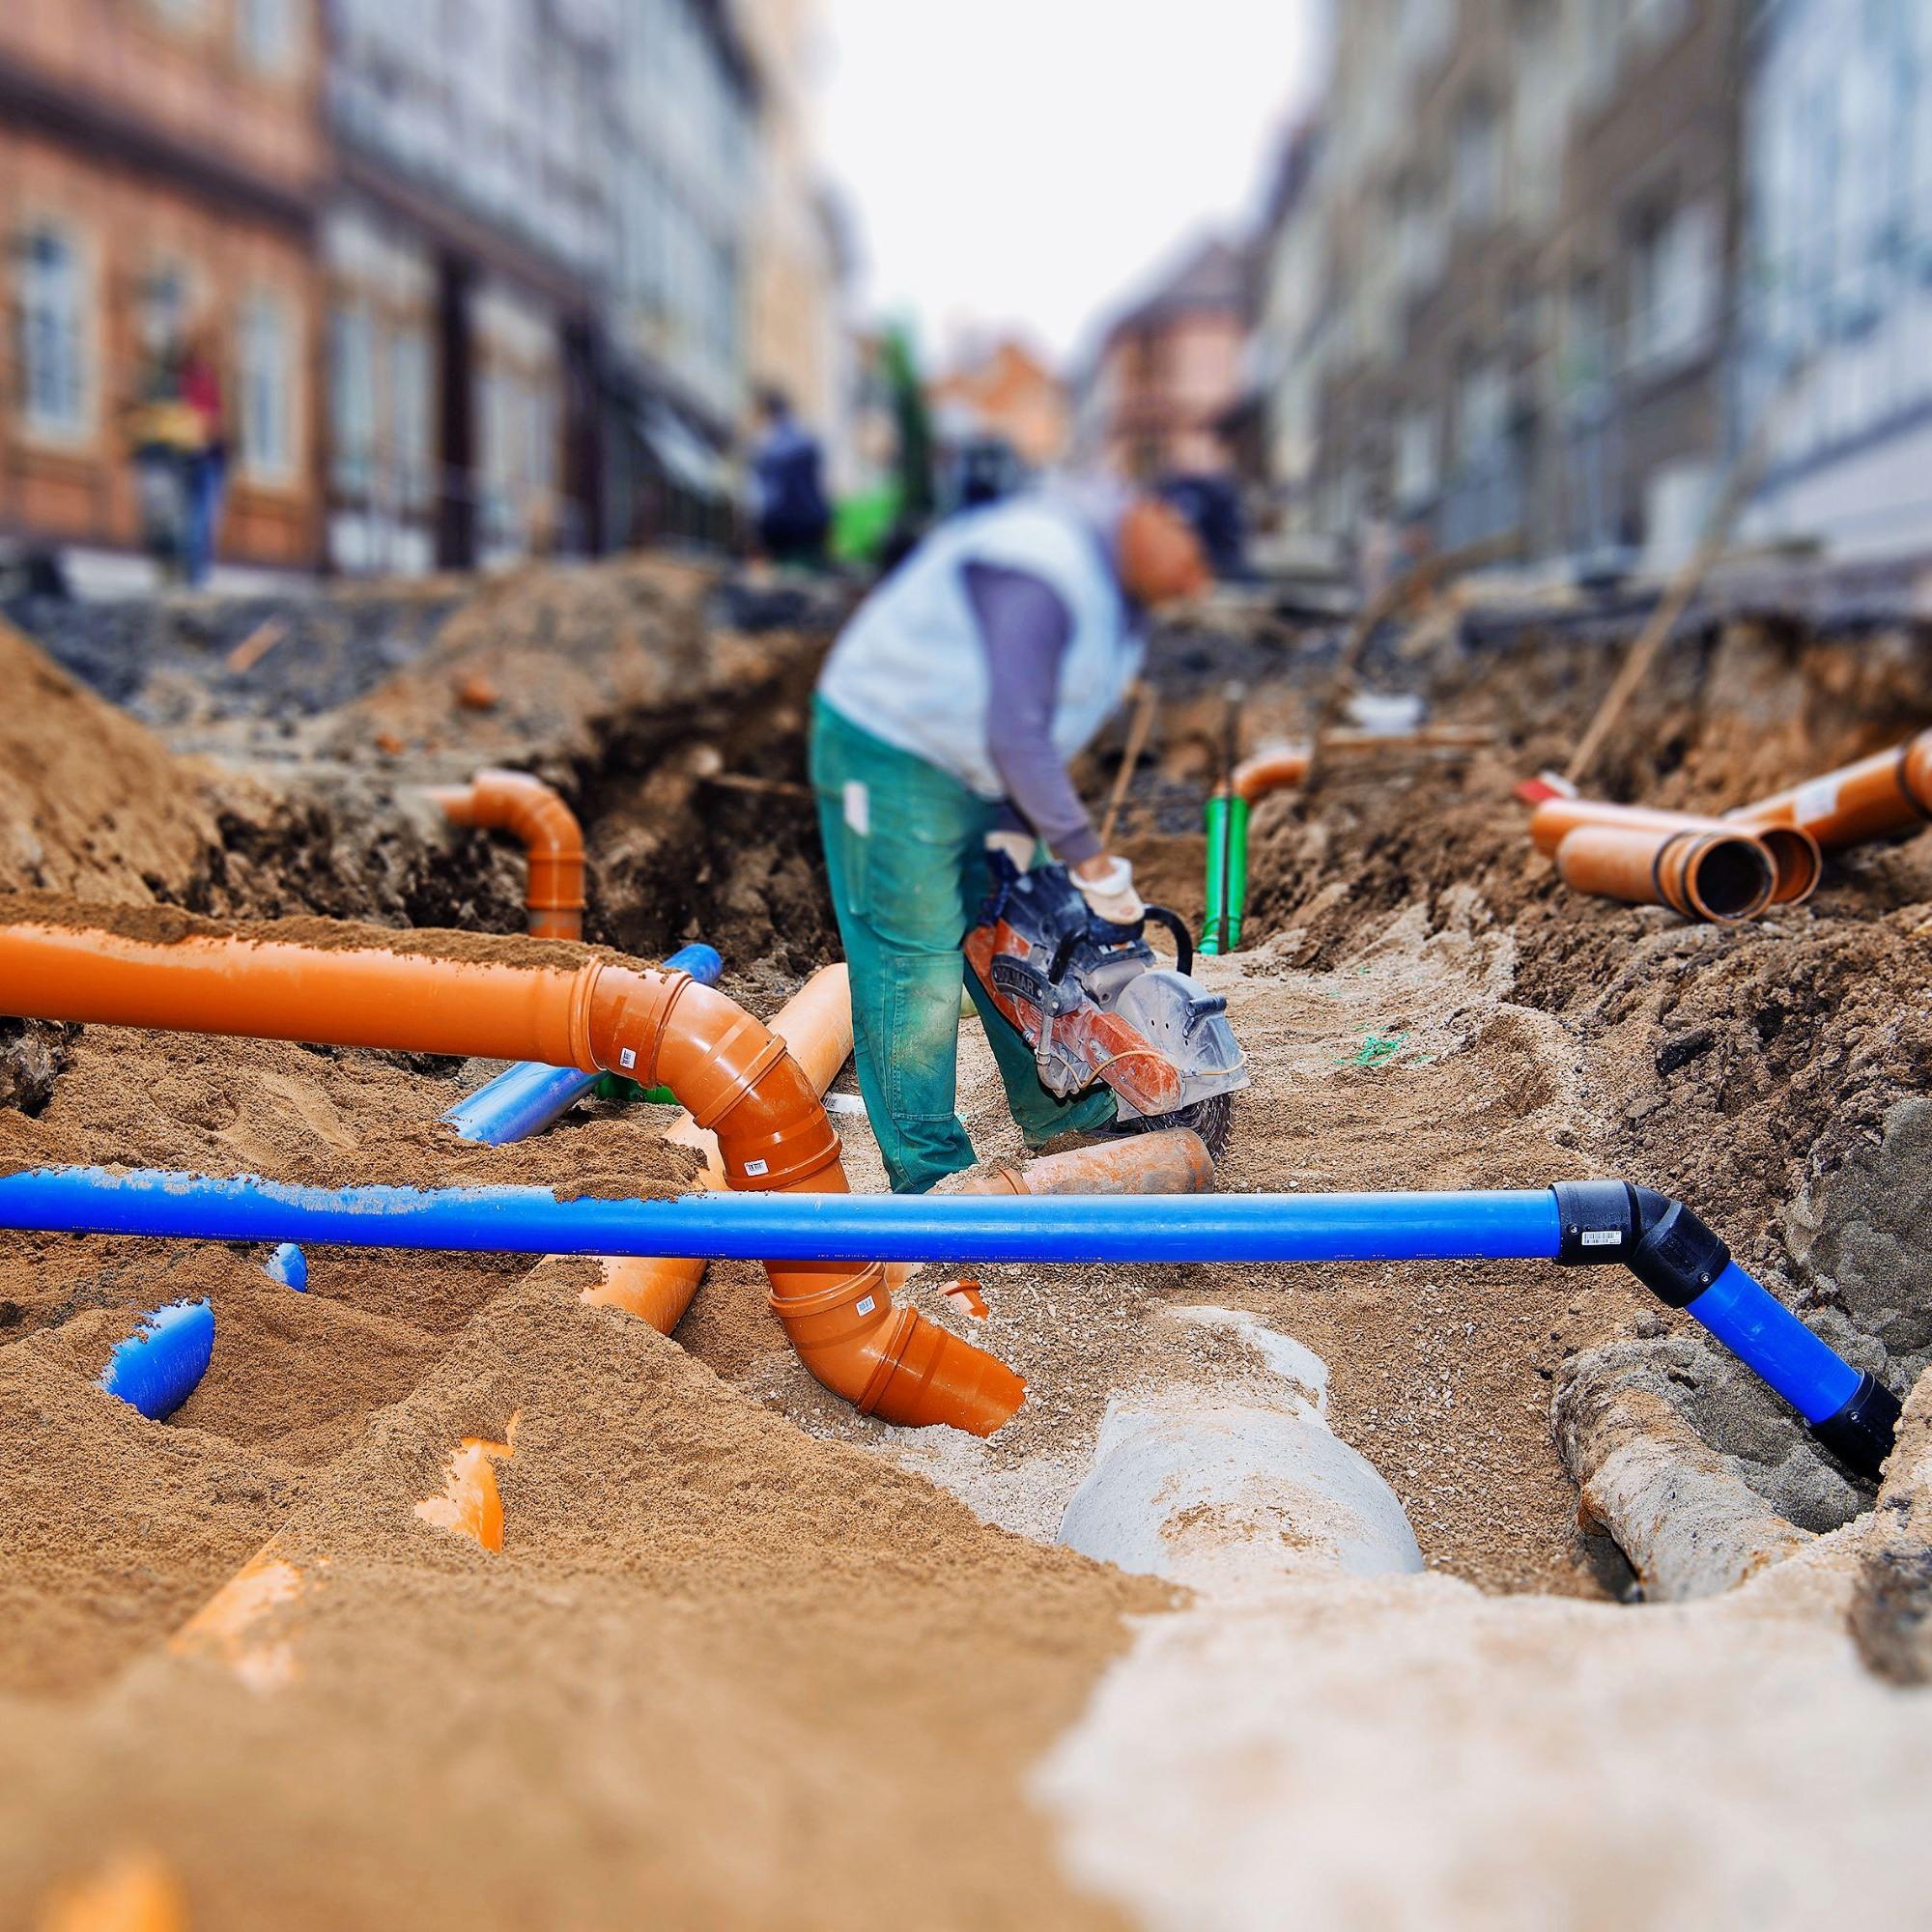 Kanalisationsarbeiten: Der Inframonitor ermöglicht den Gemeinden faktenbasierte Entscheidungen.